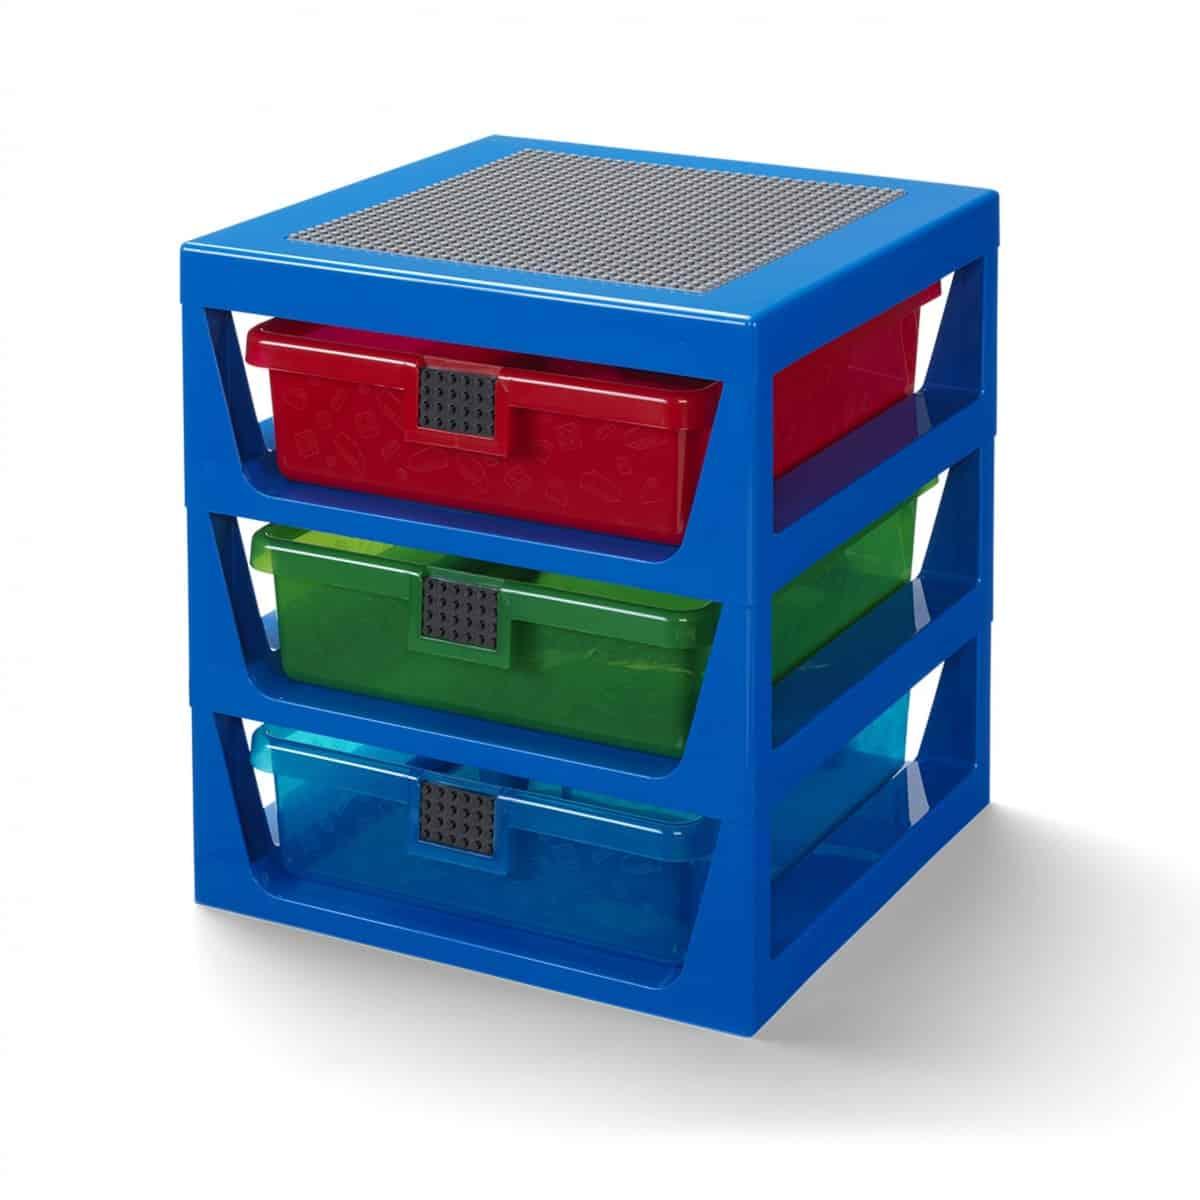 systeme de rangement lego 5006179 bleu transparent scaled